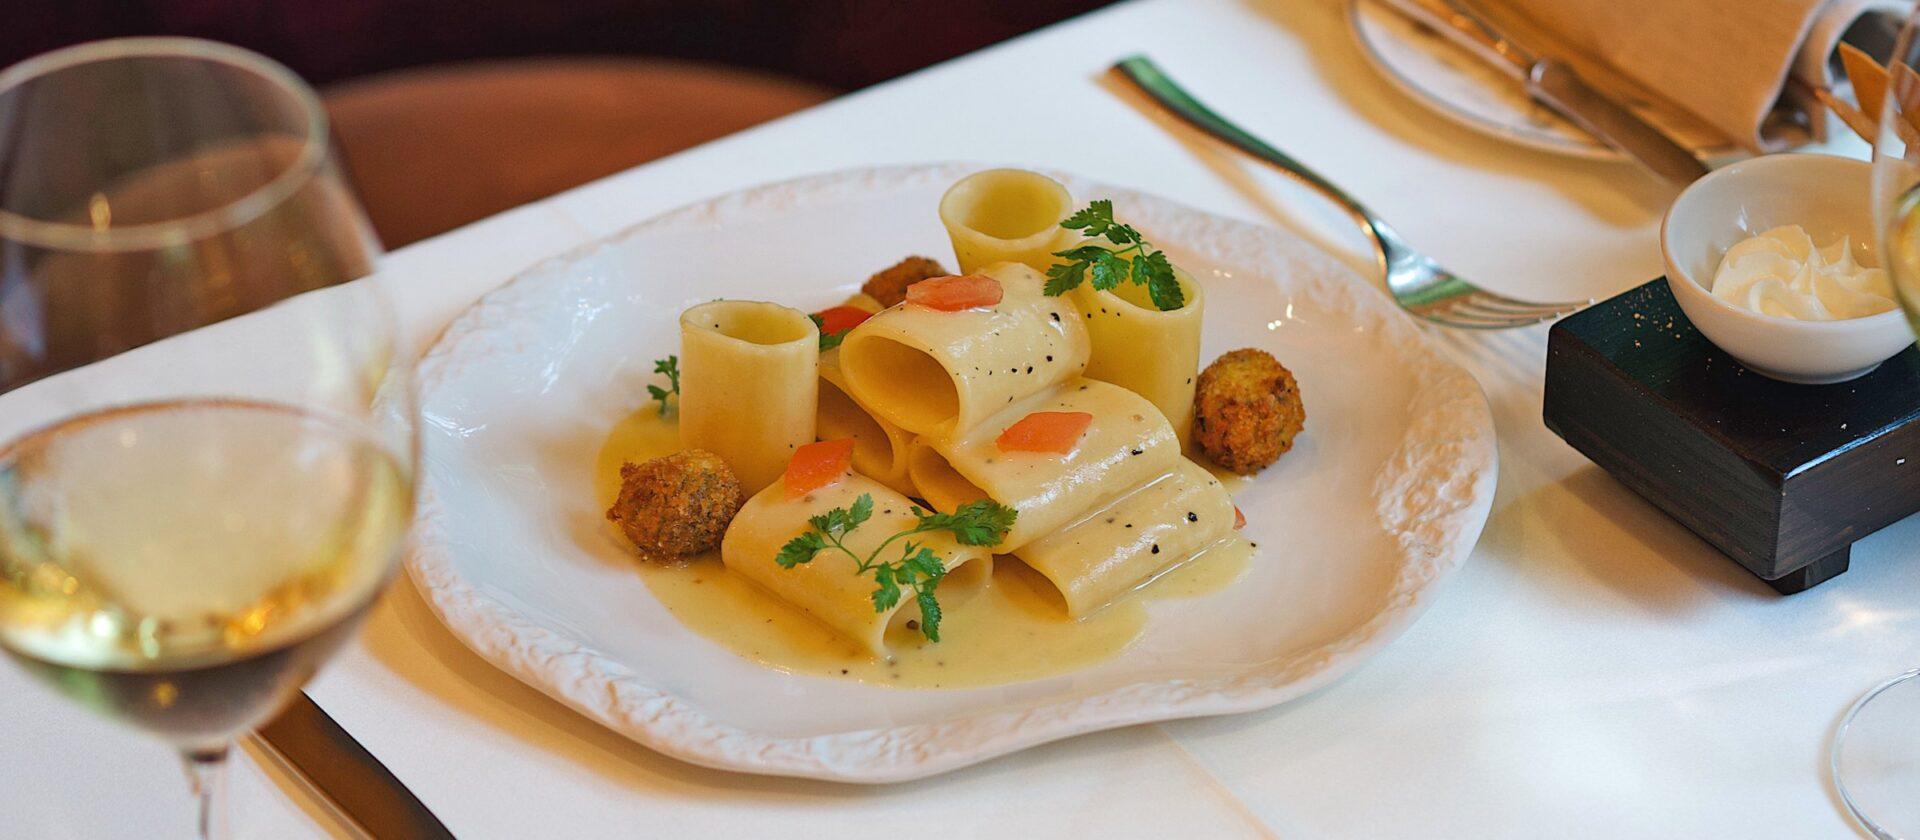 Pasta dish on a table at Hotel Principe di Savoia